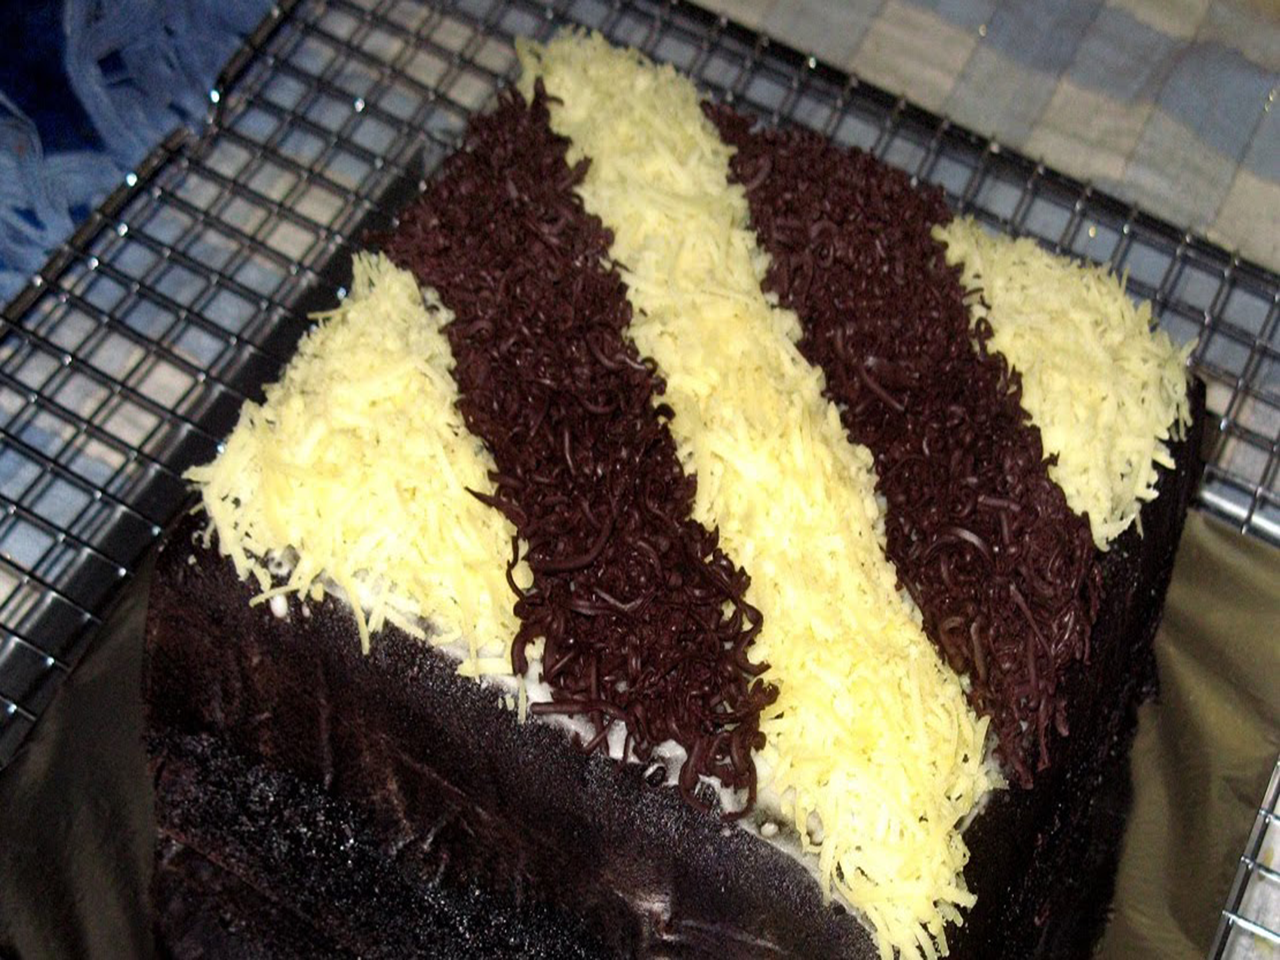 Jual Brownies Kukus / Original / Kering / Panggang Bandar Lampung [MURAH]